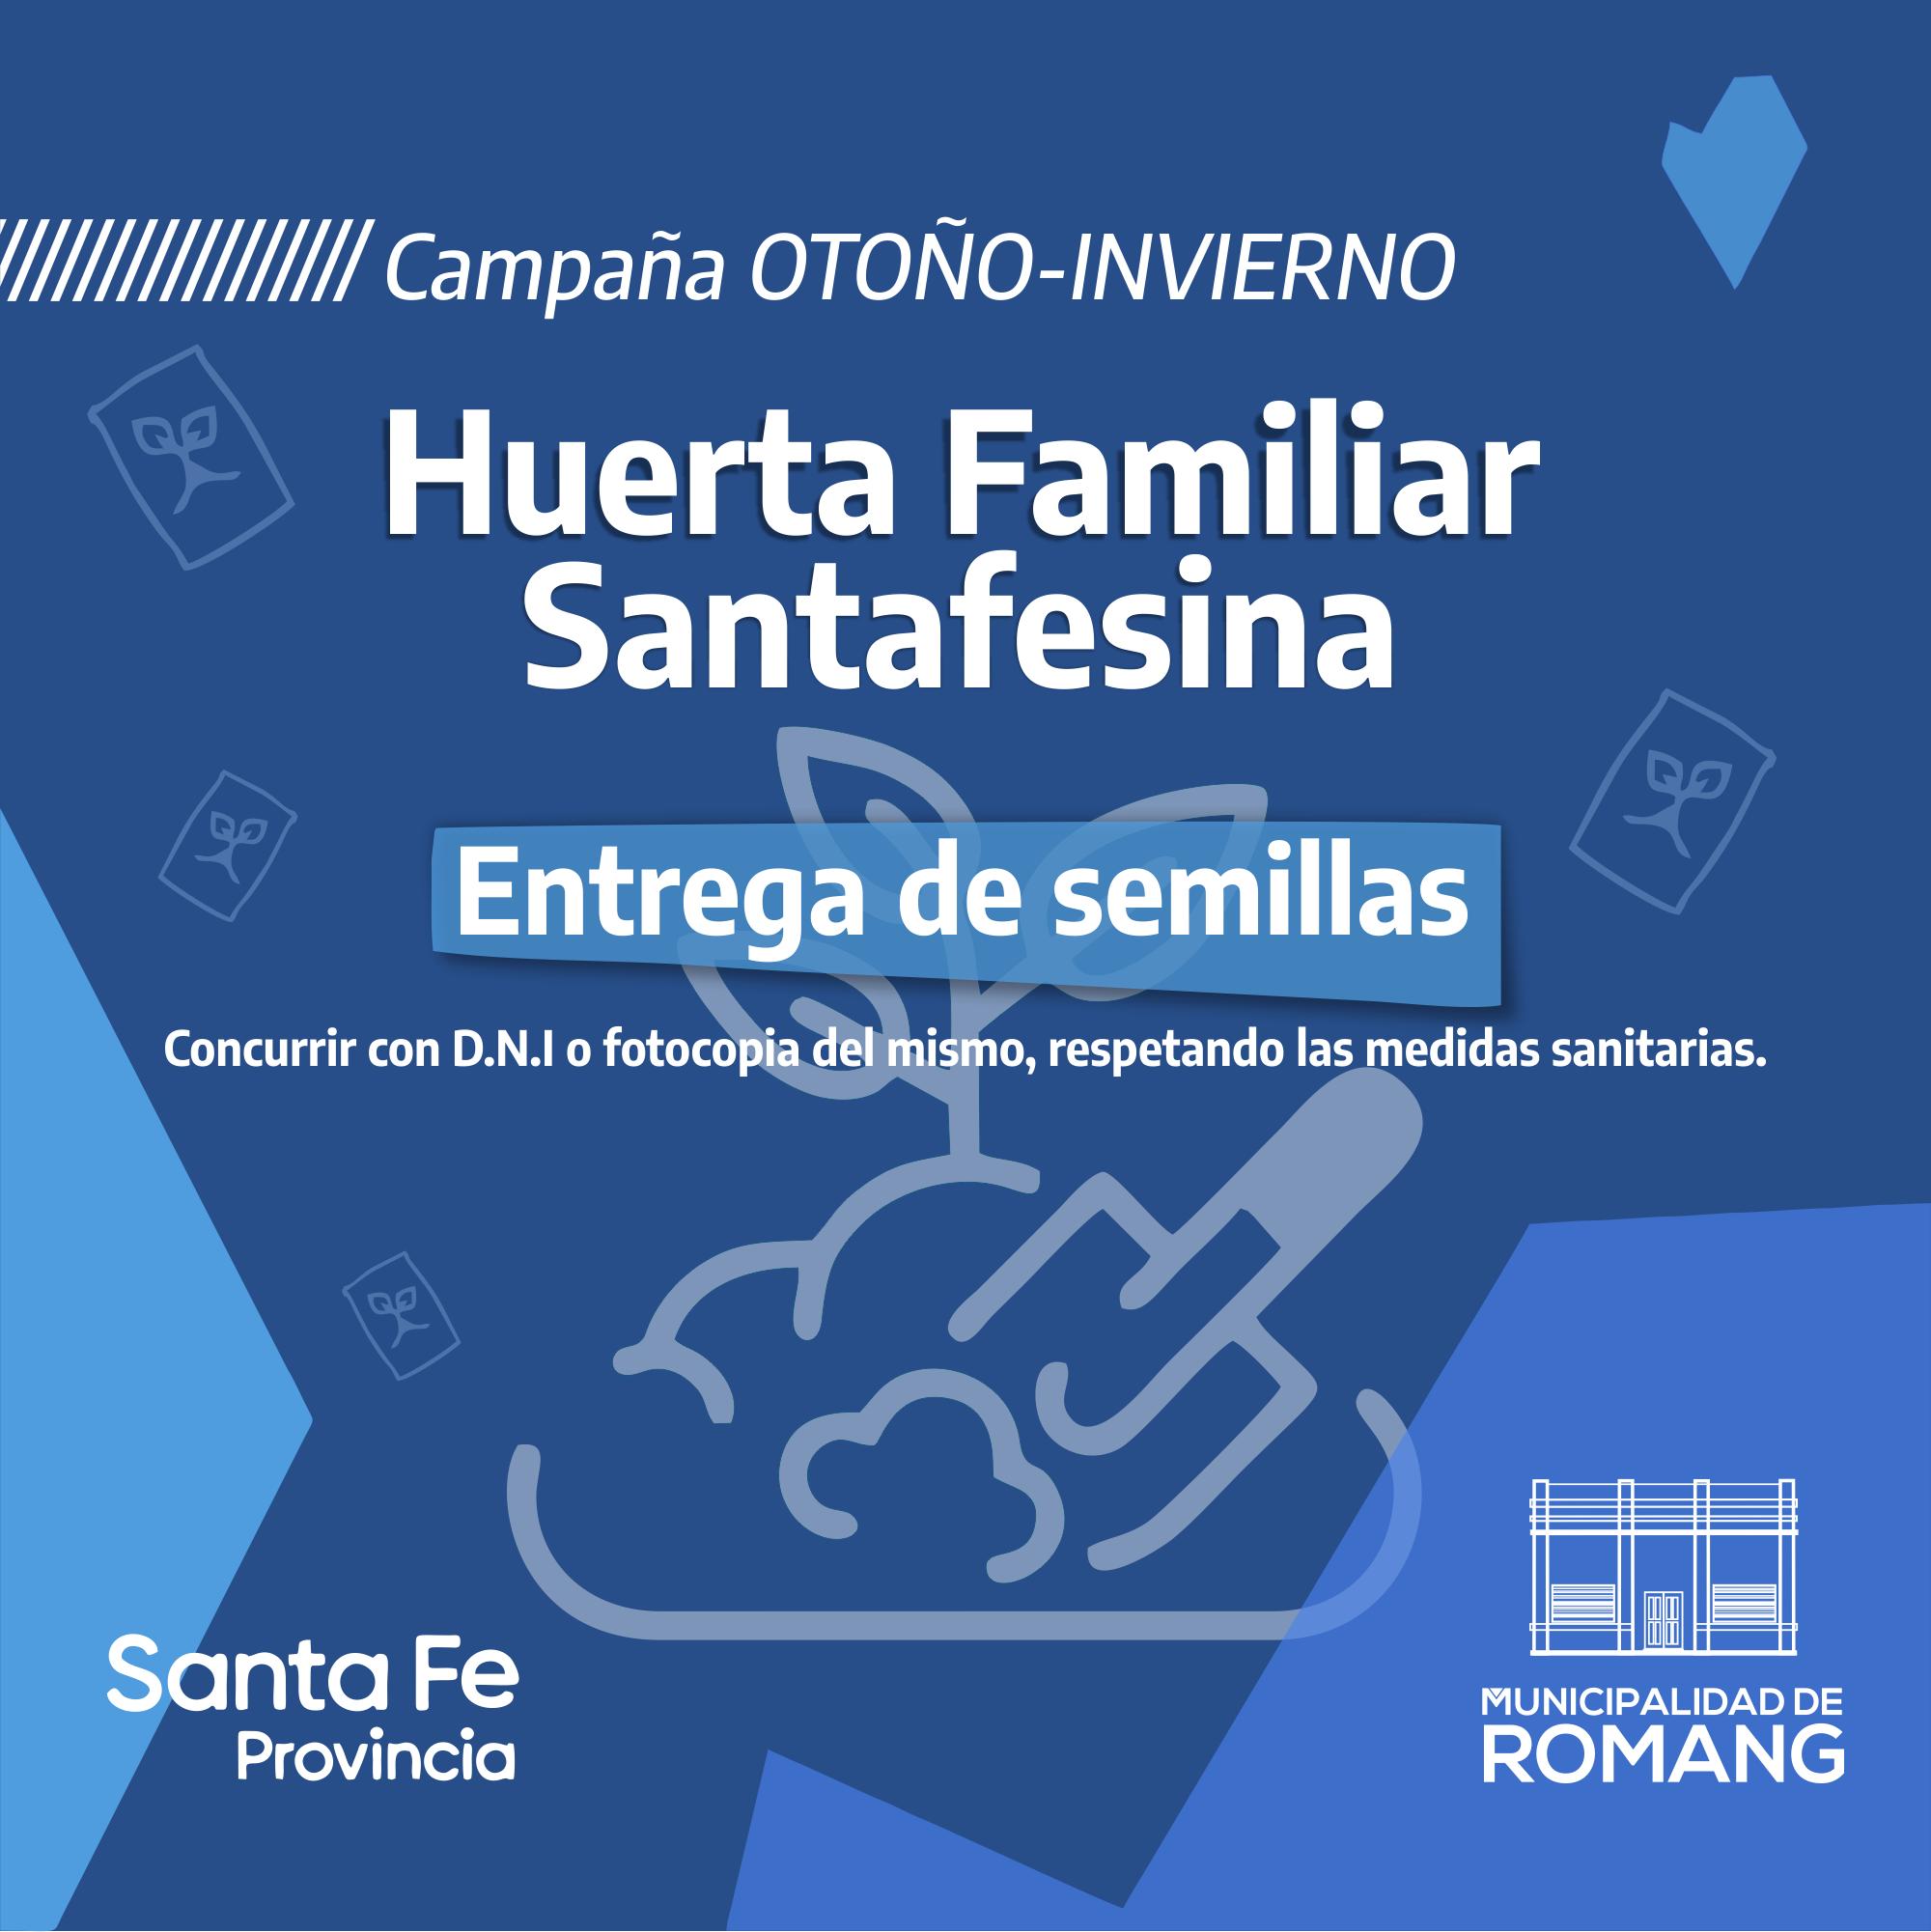 Entrega de semillas del Programa Huerta Familiar Santafesina